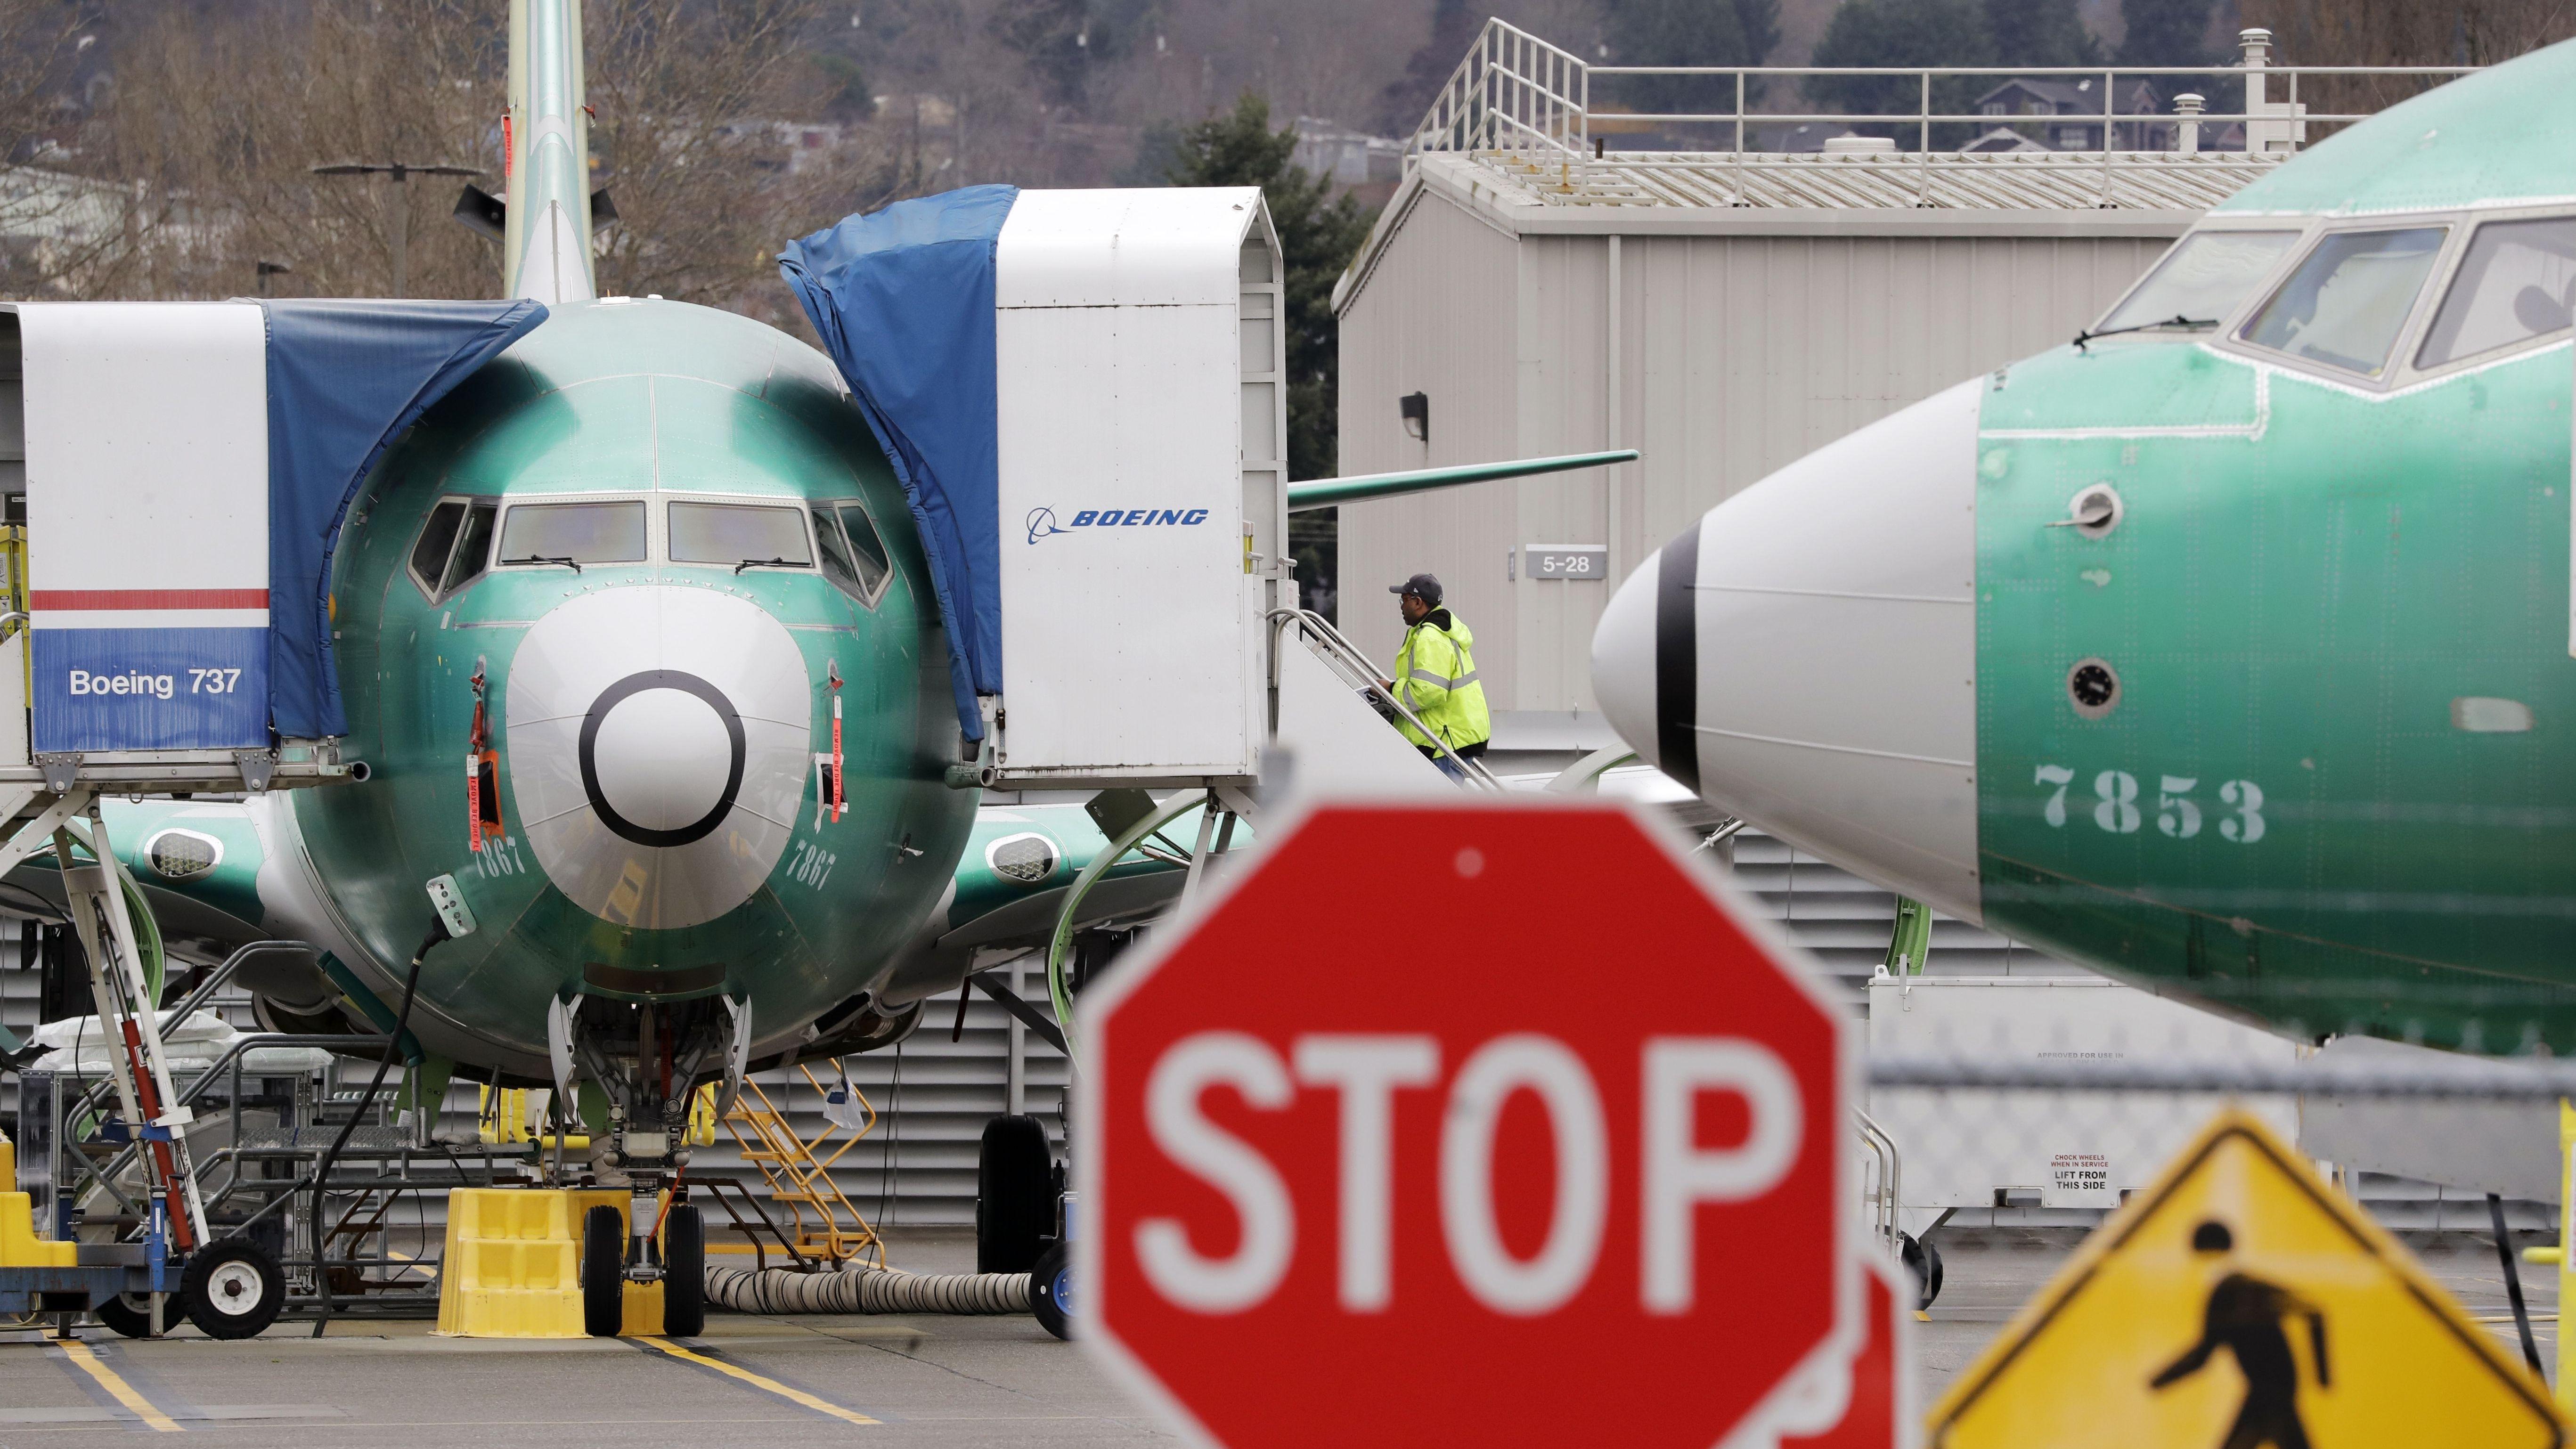 Boeing 737 max Maschinen auf dem Flughafen Renton, Washington